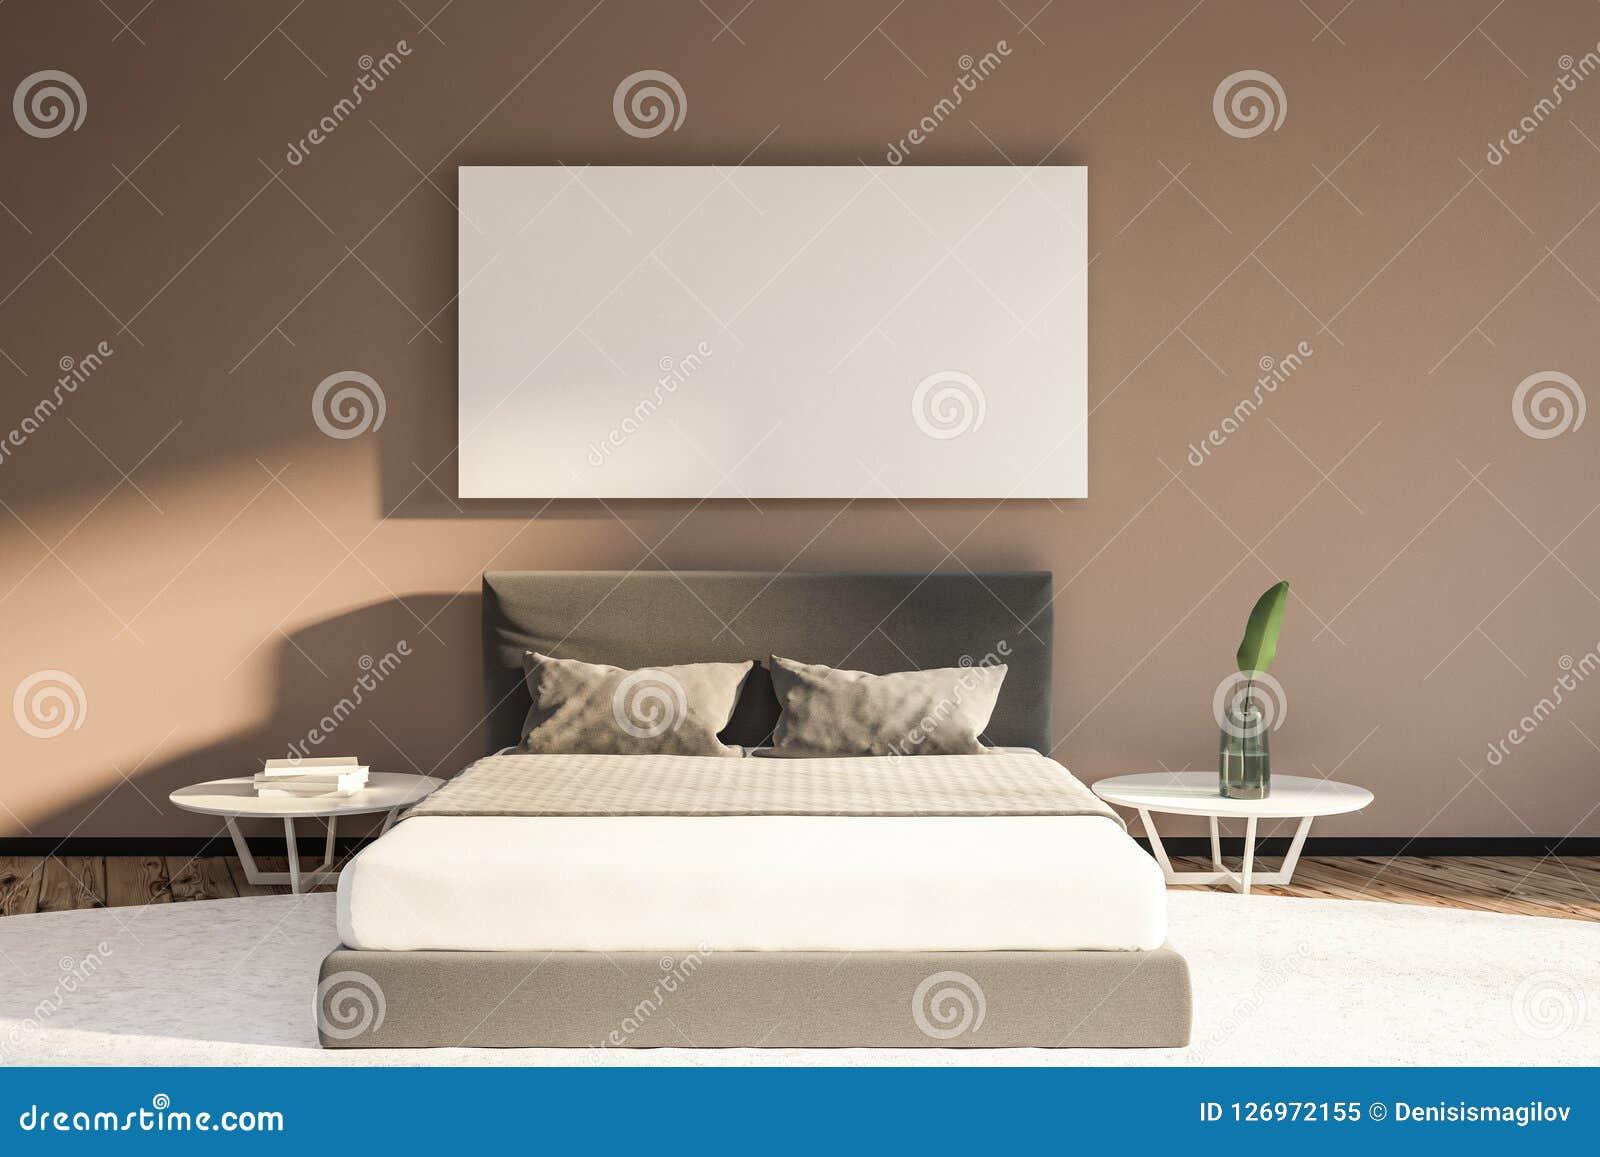 Beige Master Bedroom With White Bed Poster Stock Illustration Illustration Of Loft Estate 126972155